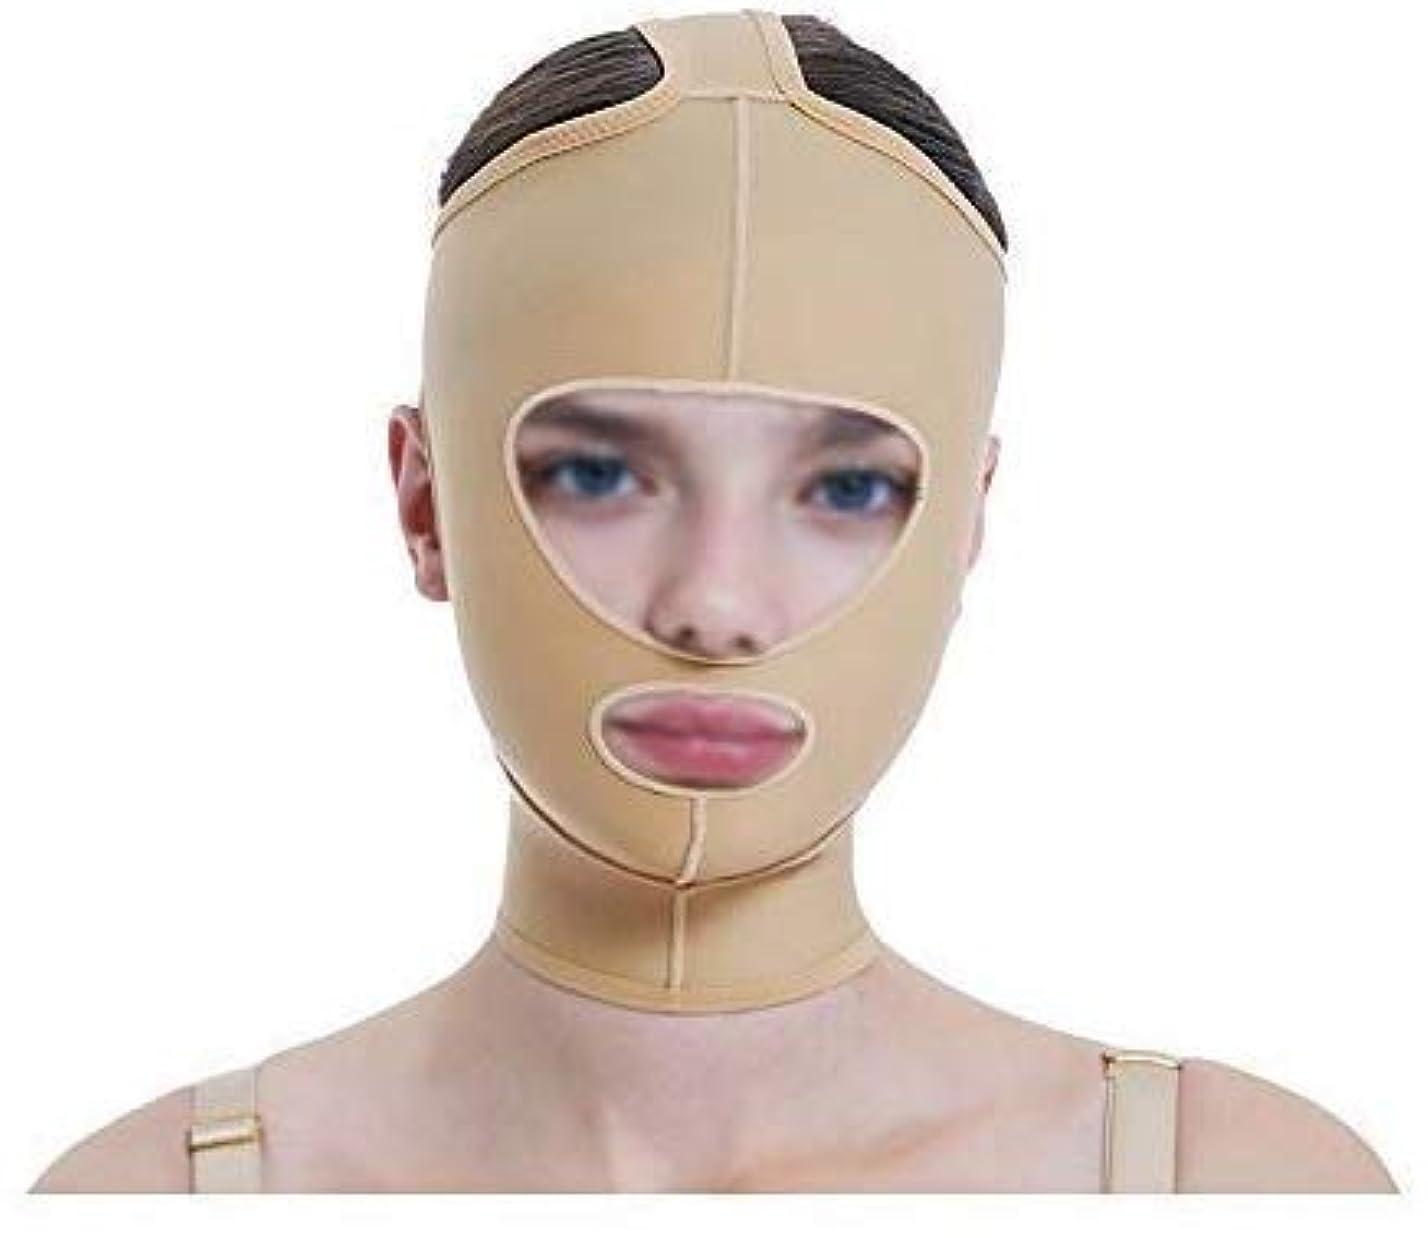 救出レザーすべき美しさと実用的な顔と首のリフト、減量フェイスマスクフェイスカービングフェイス弾性セット薄いダブルチンアーティファクトVフェイスビームフェイス(サイズ:XS)